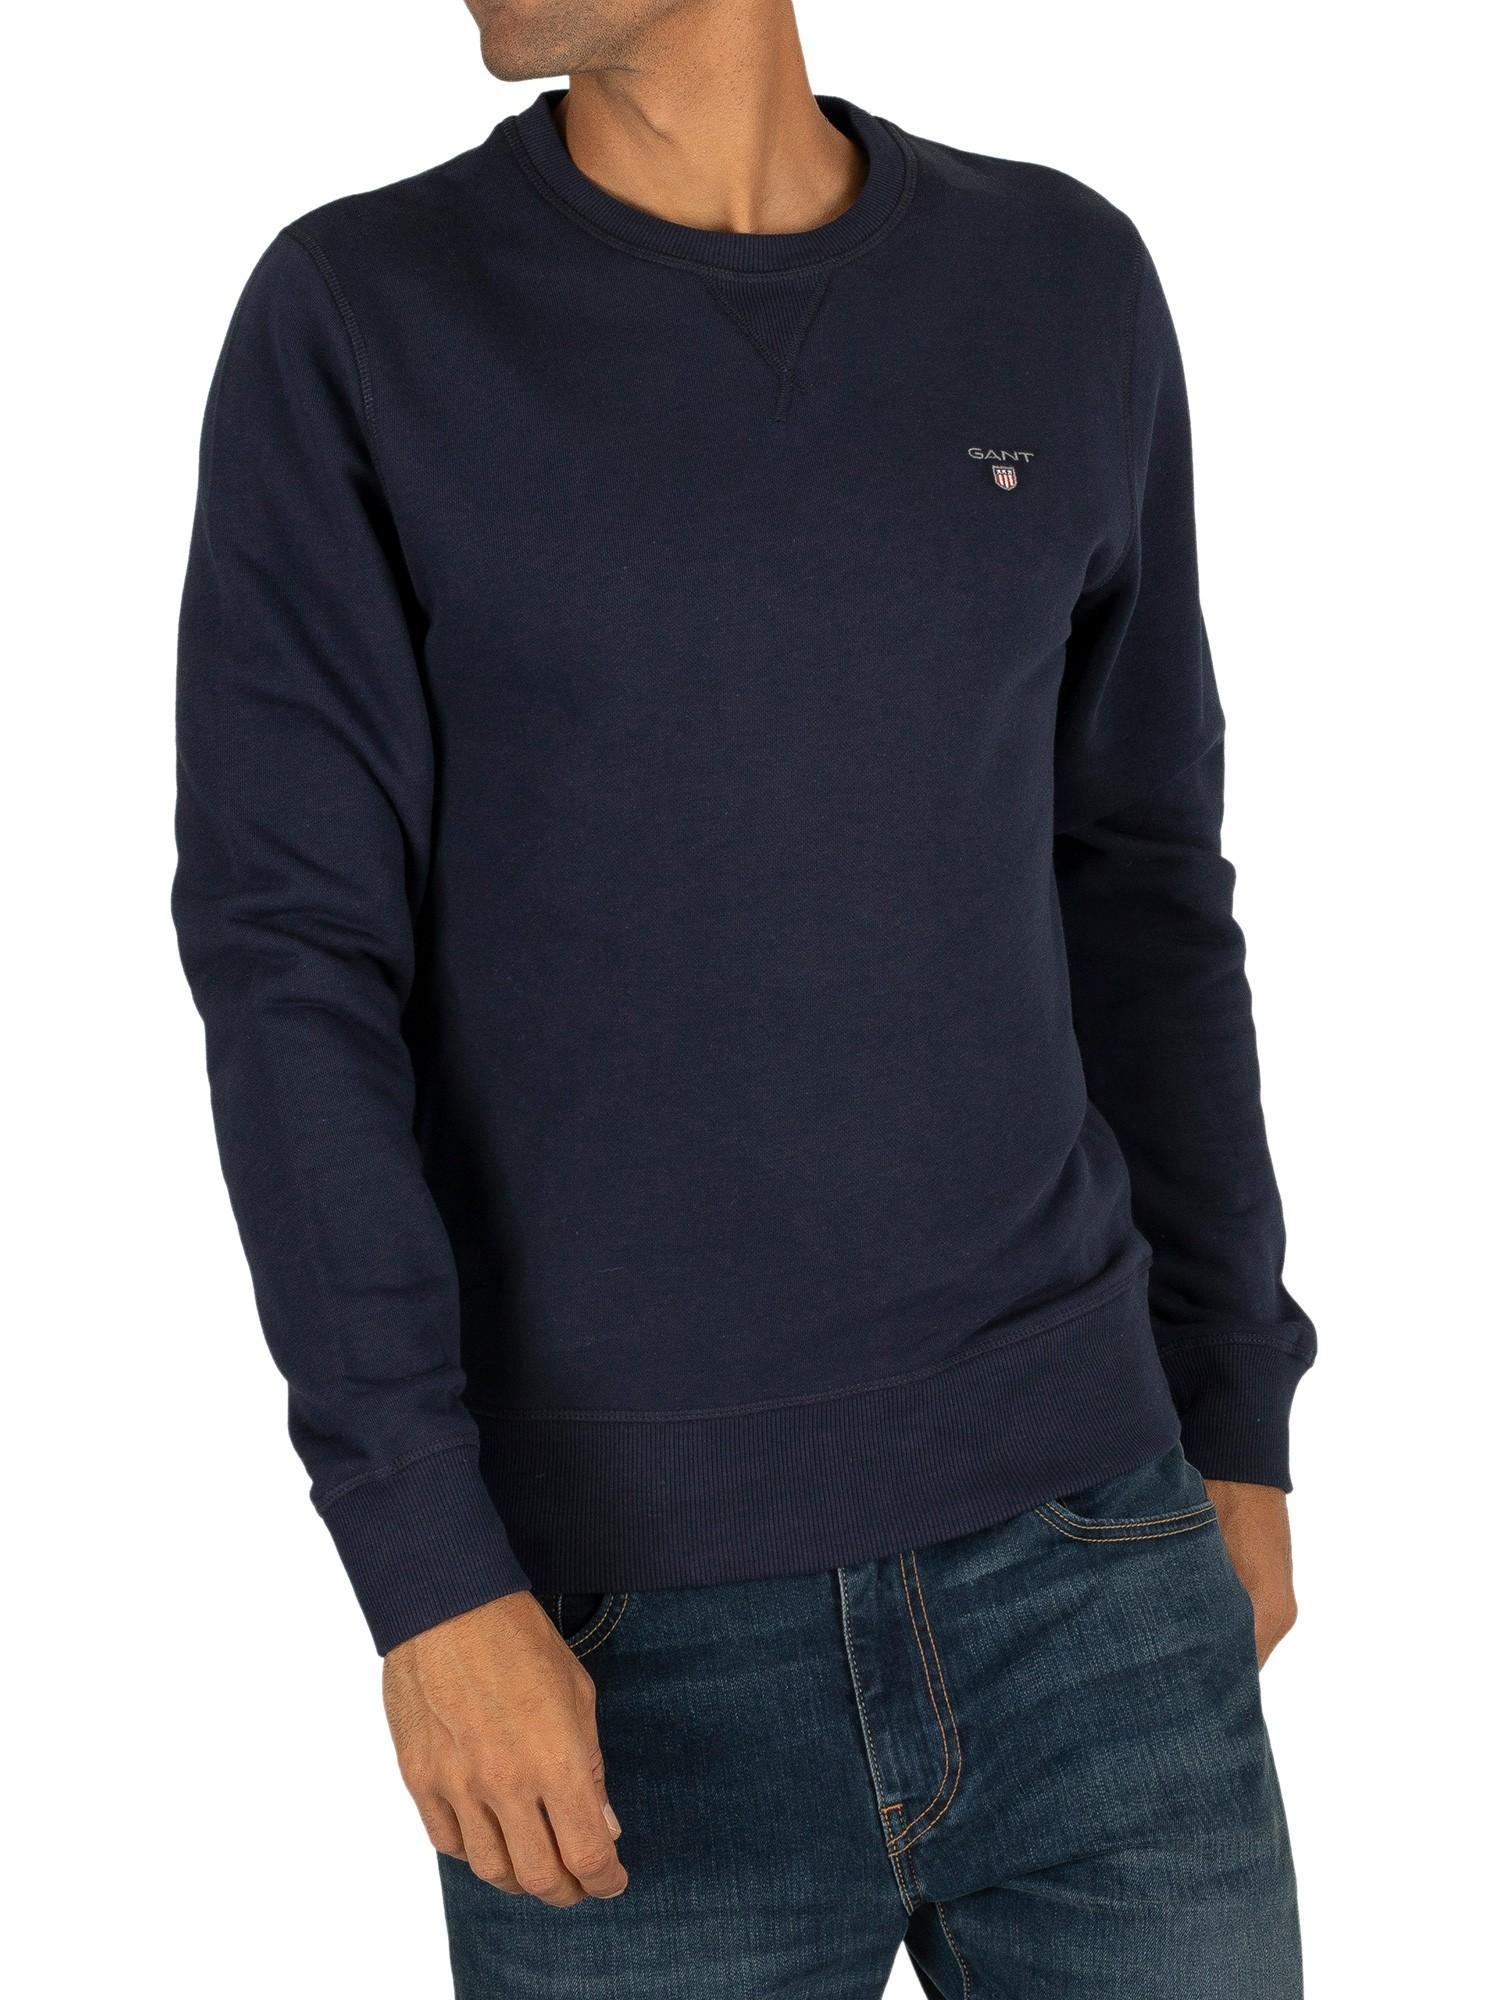 Details zu GANT Herren Ursprüngliches Sweatshirt, Blau